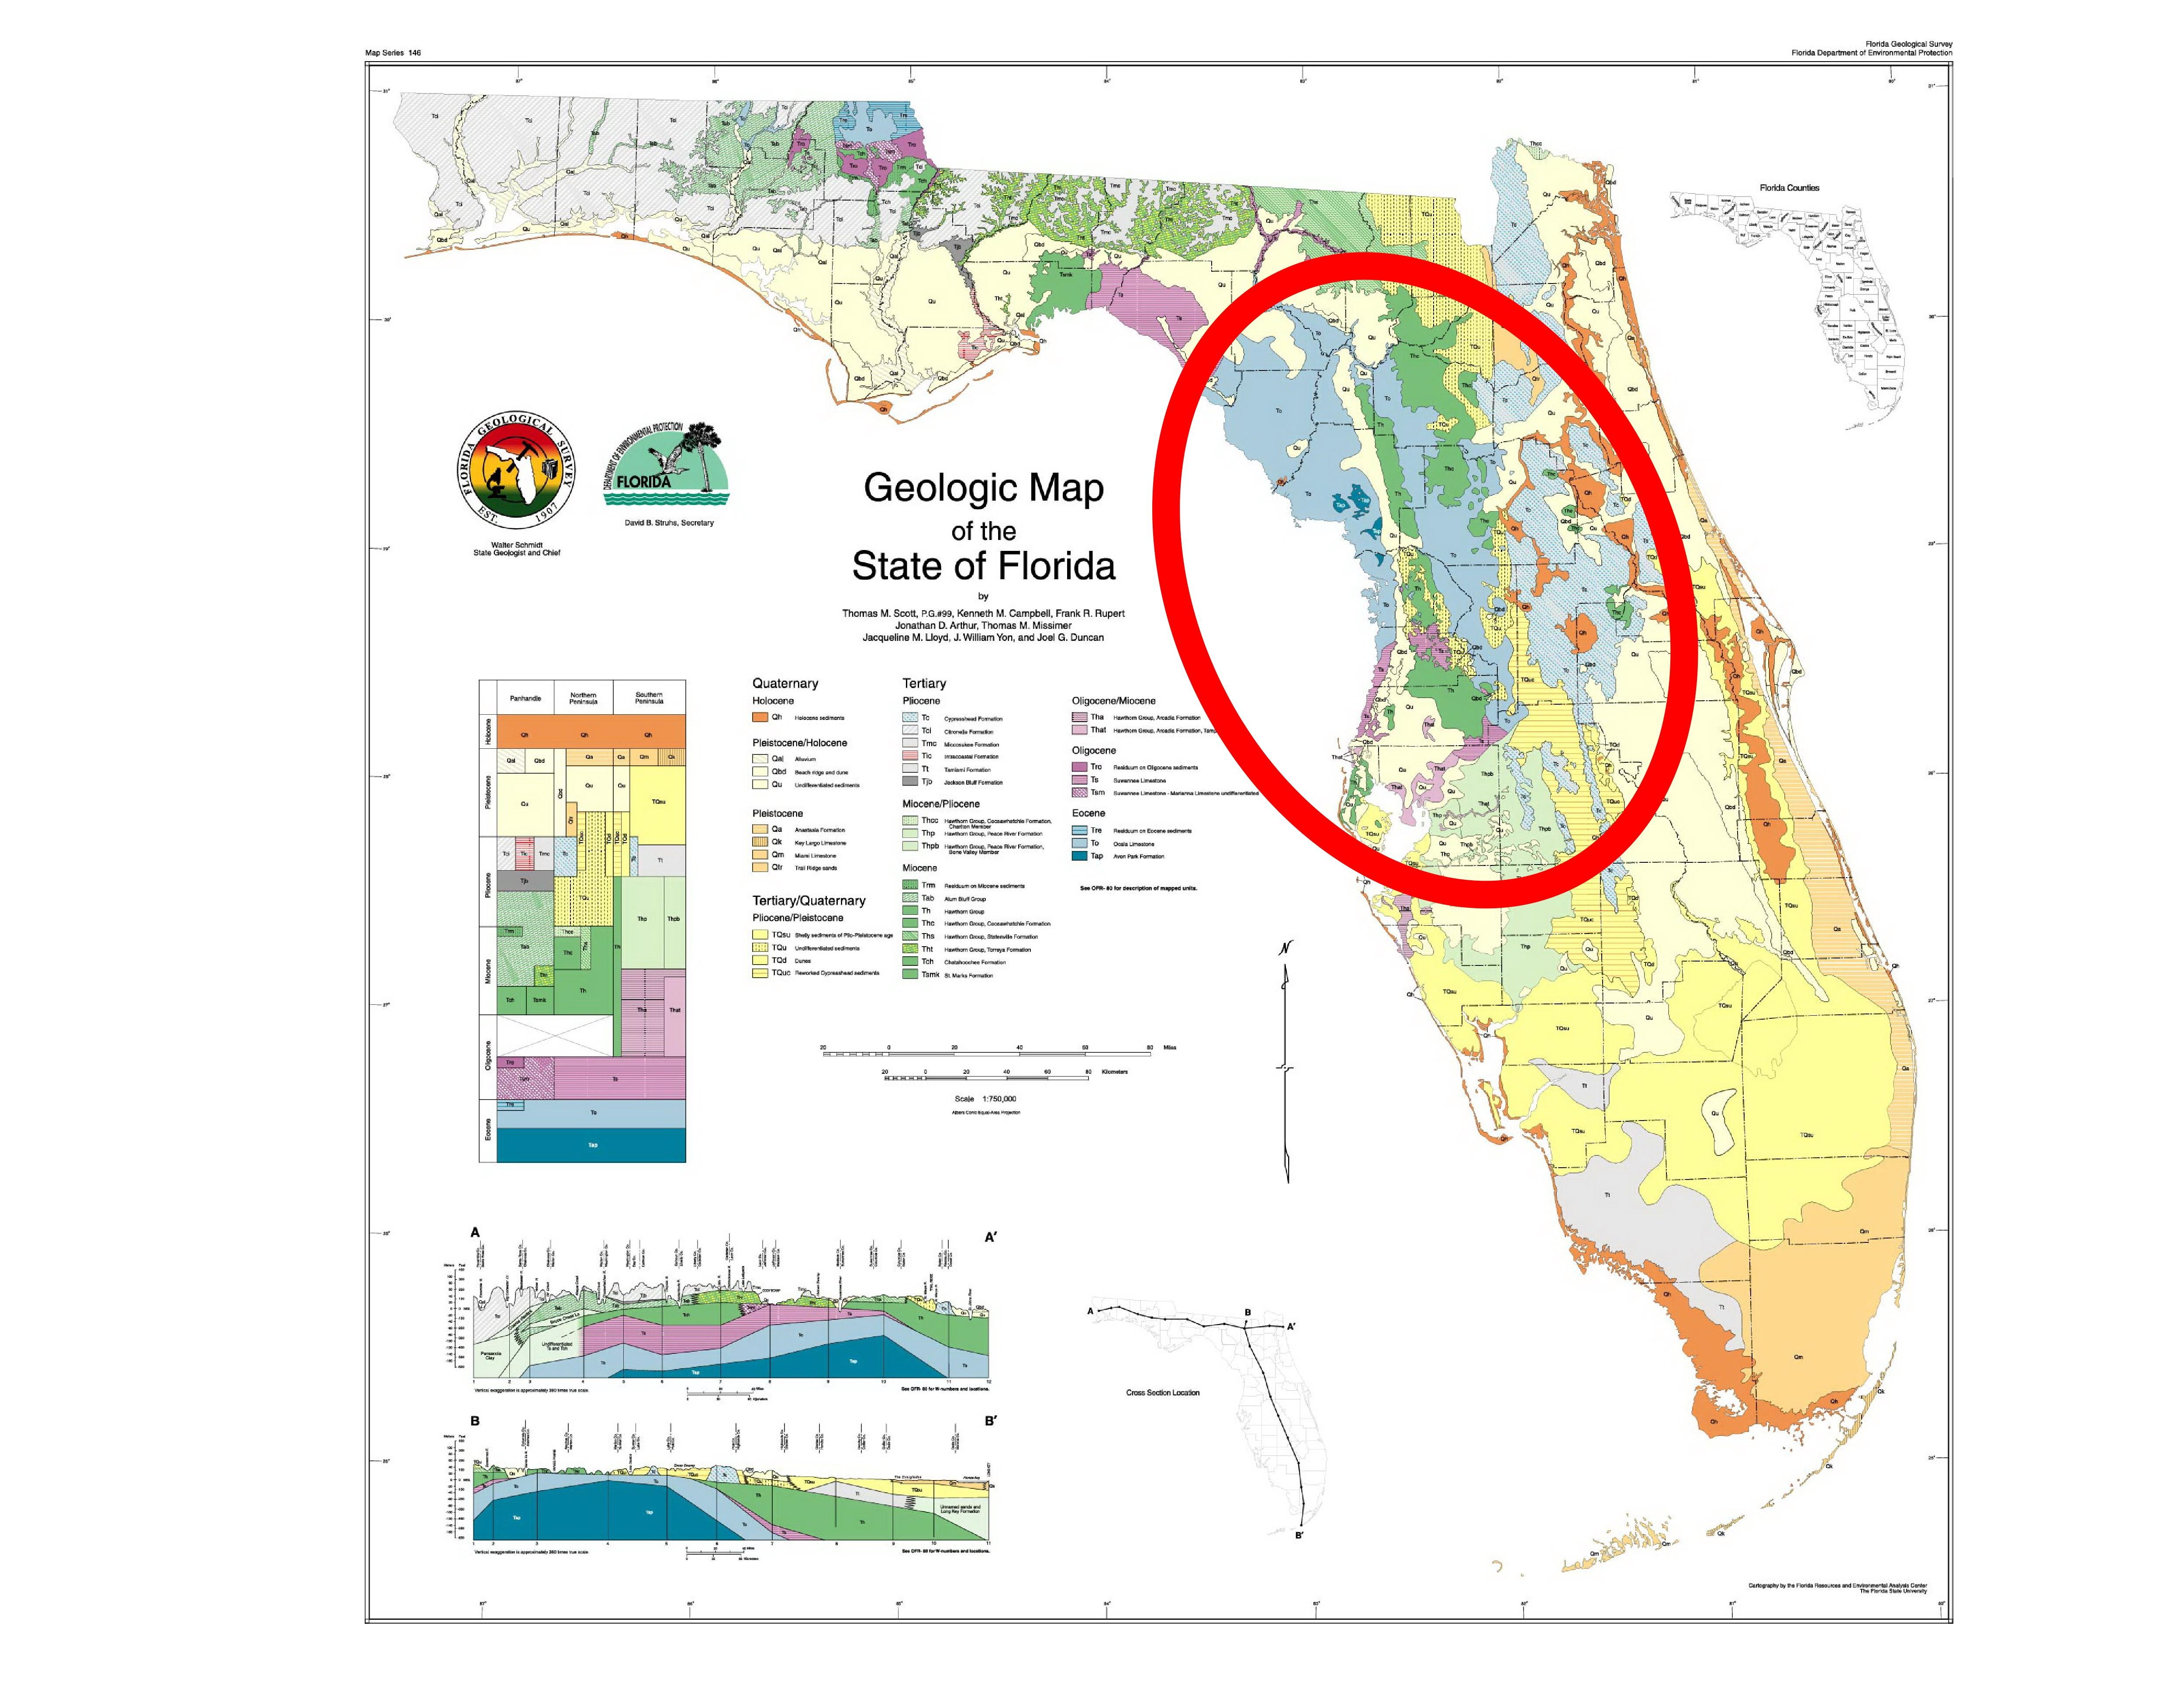 Us Geological Sinkhole Map Sinkhole Zones In Fl Awesome Sinkhole Map - Florida Sinkhole Map